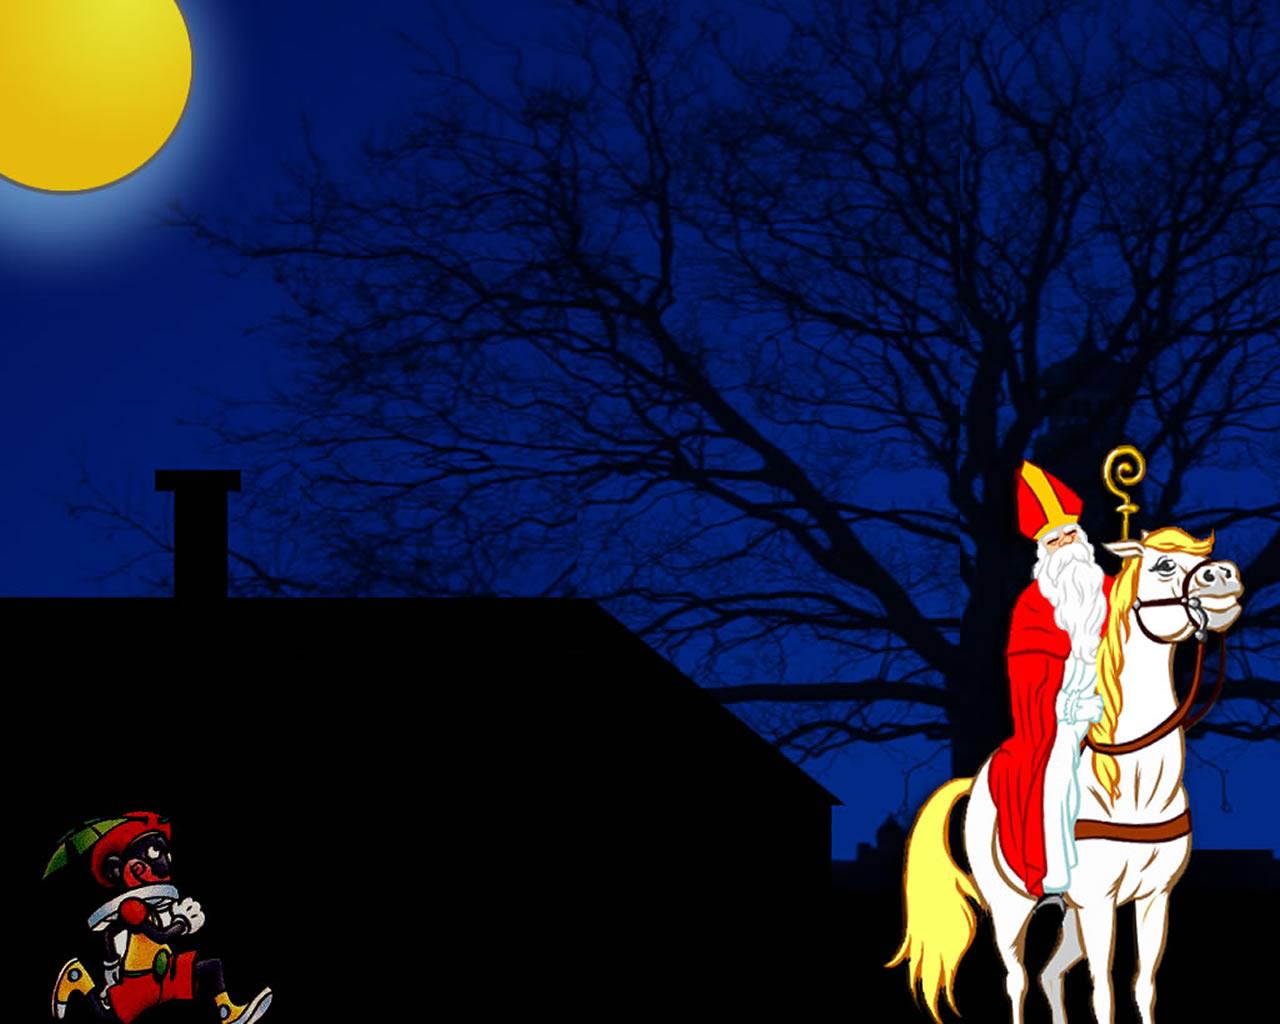 download wallpaper: Sinterklaas op pad wallpaper